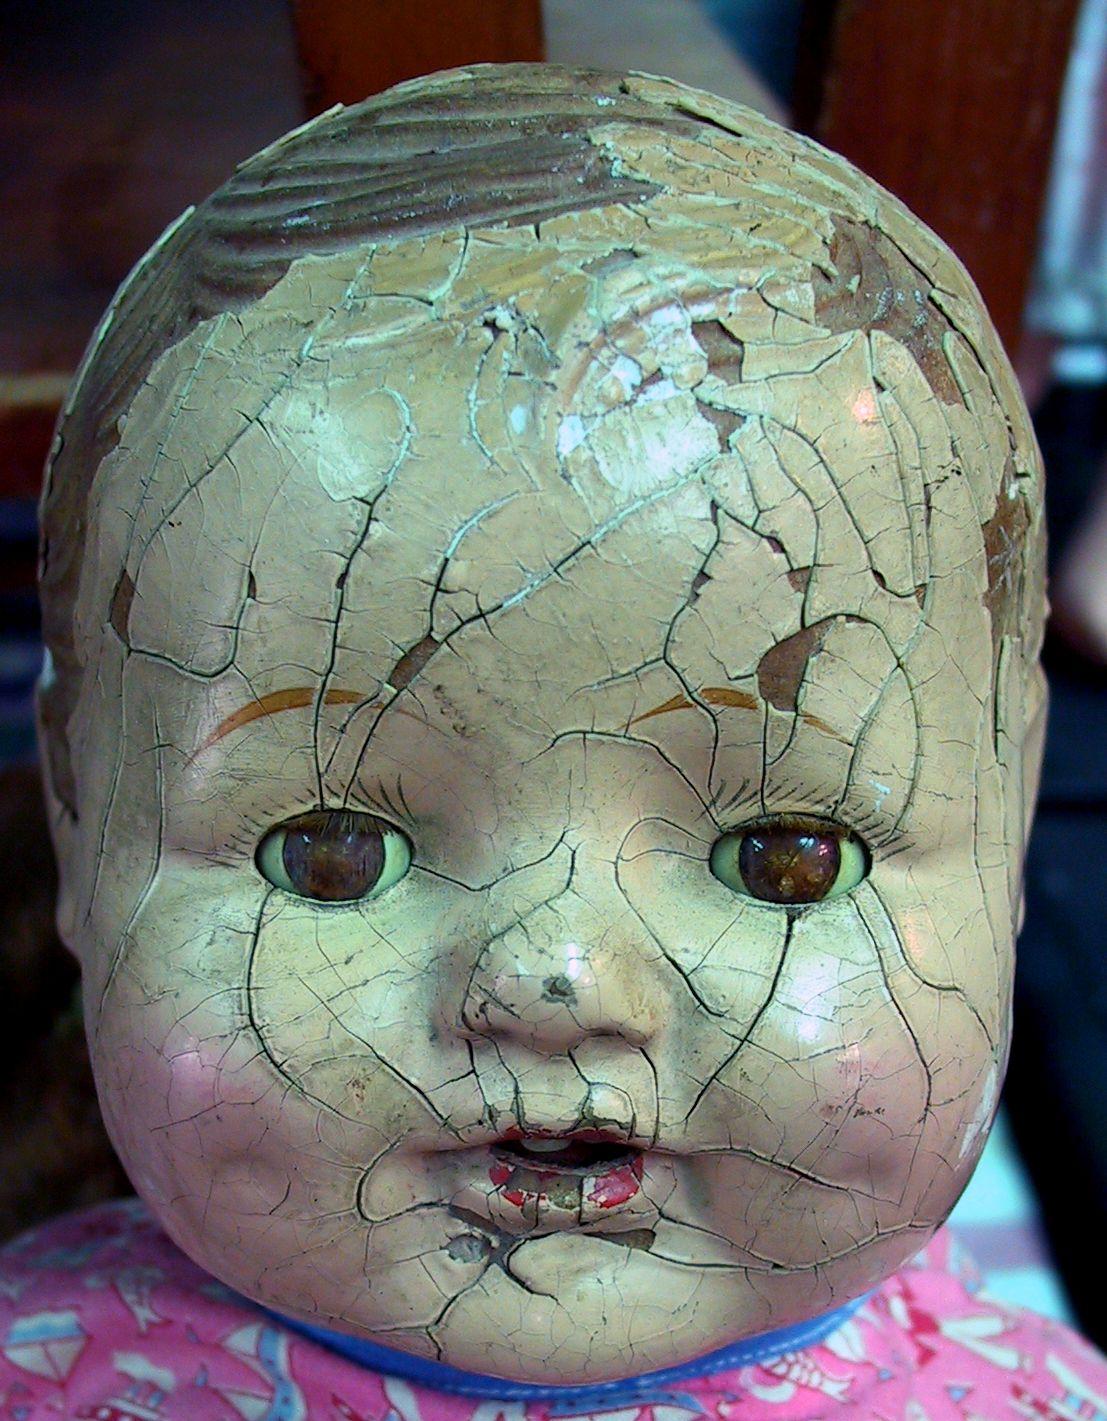 Google Afbeeldingen resultaat voor http://www.deviantart.com/download/33007070/Antique_Doll_Head_2_by_Falln_Stock.jpg